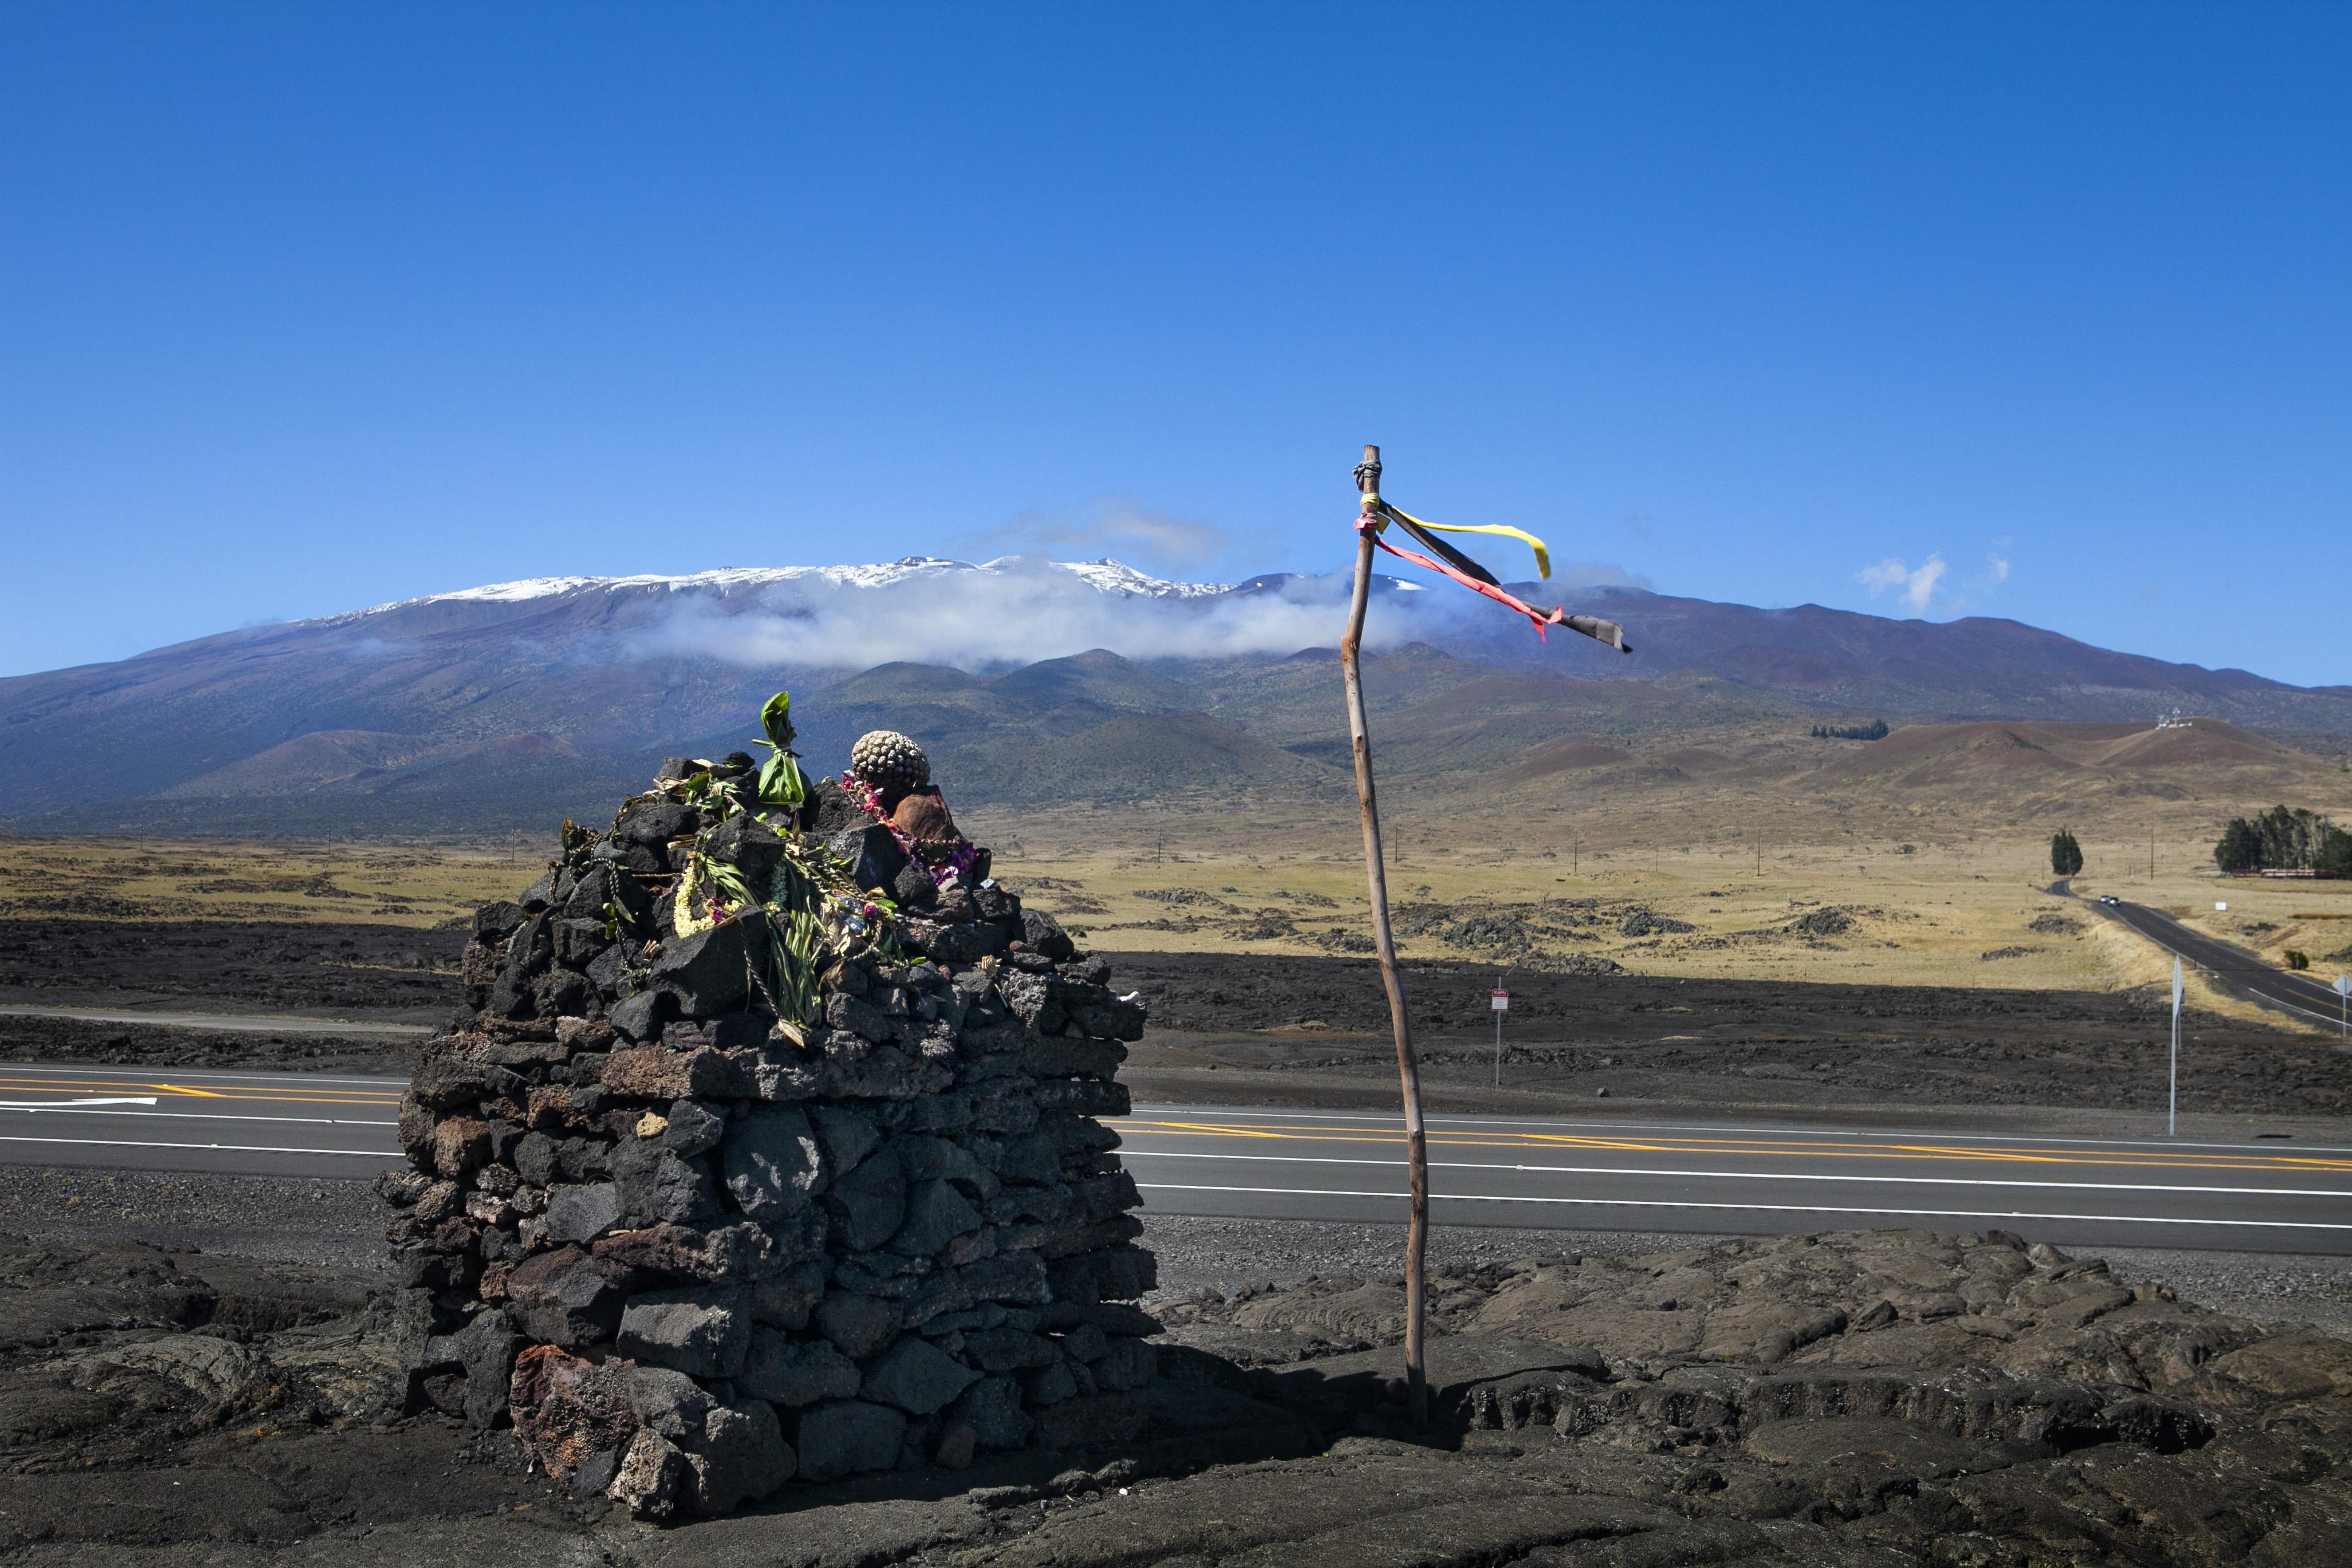 Heiau by Mauna Kea